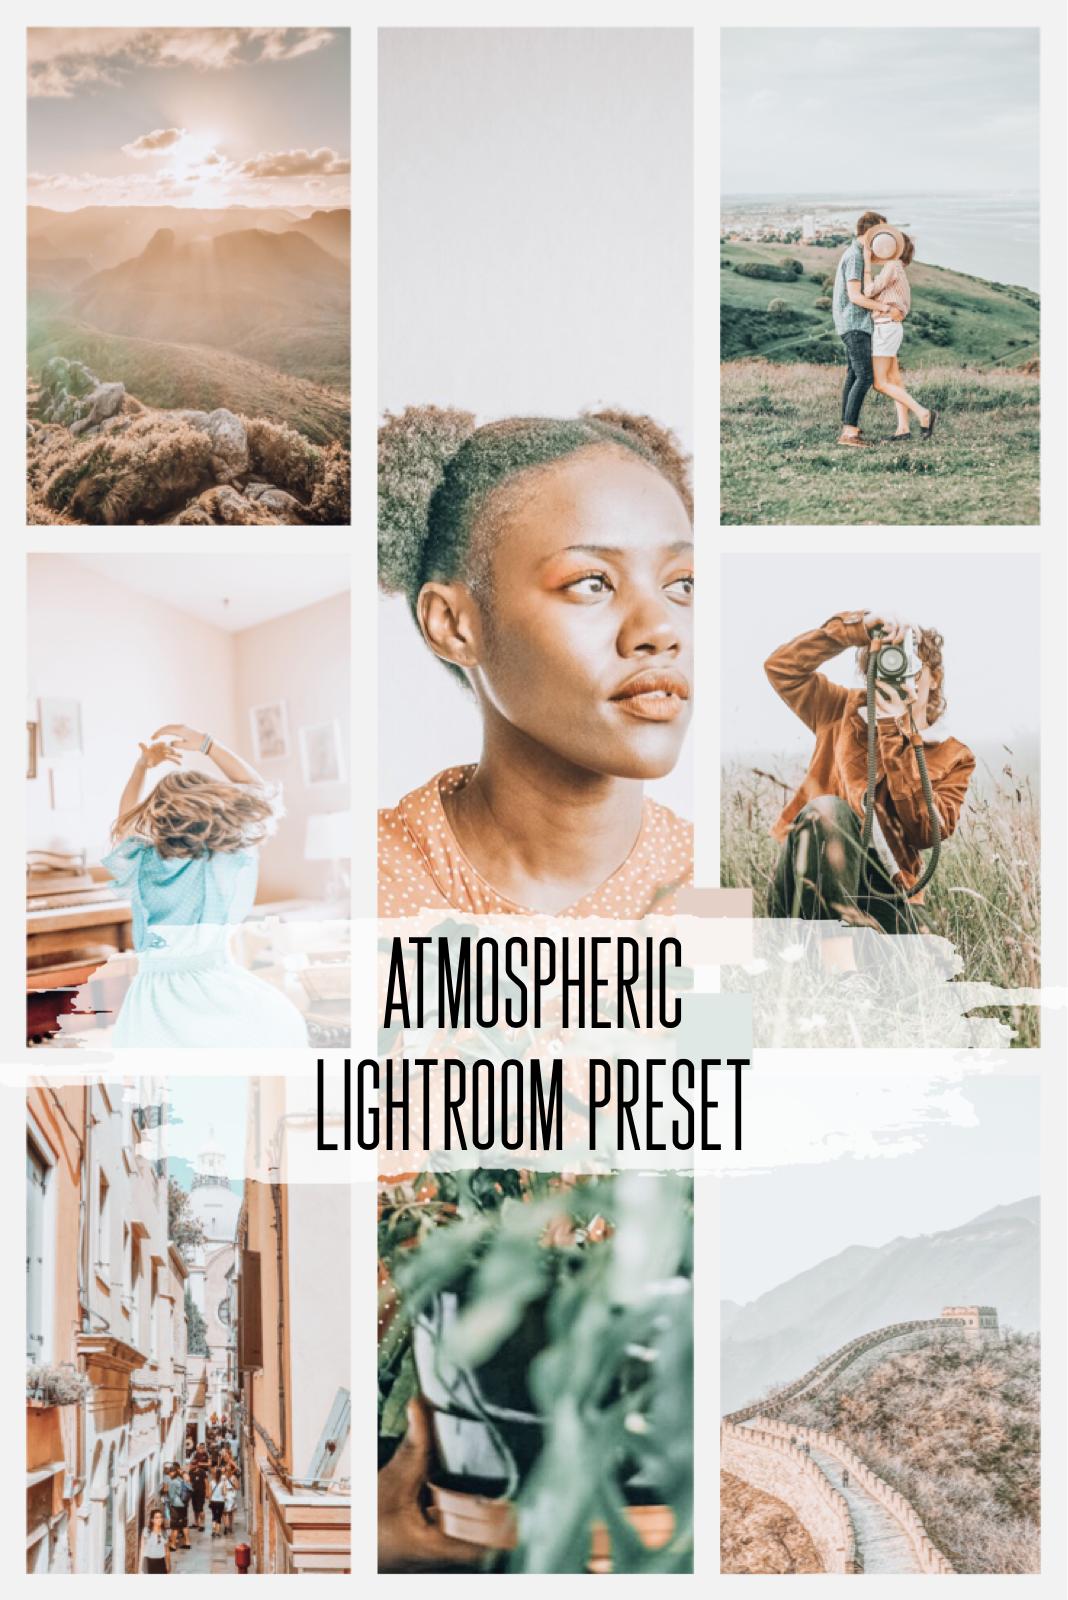 7 Lightroom Mobile Presets Atmospheric Instagram Preset And Etsy In 2020 Lightroom Presets Portrait Presets Lightroom